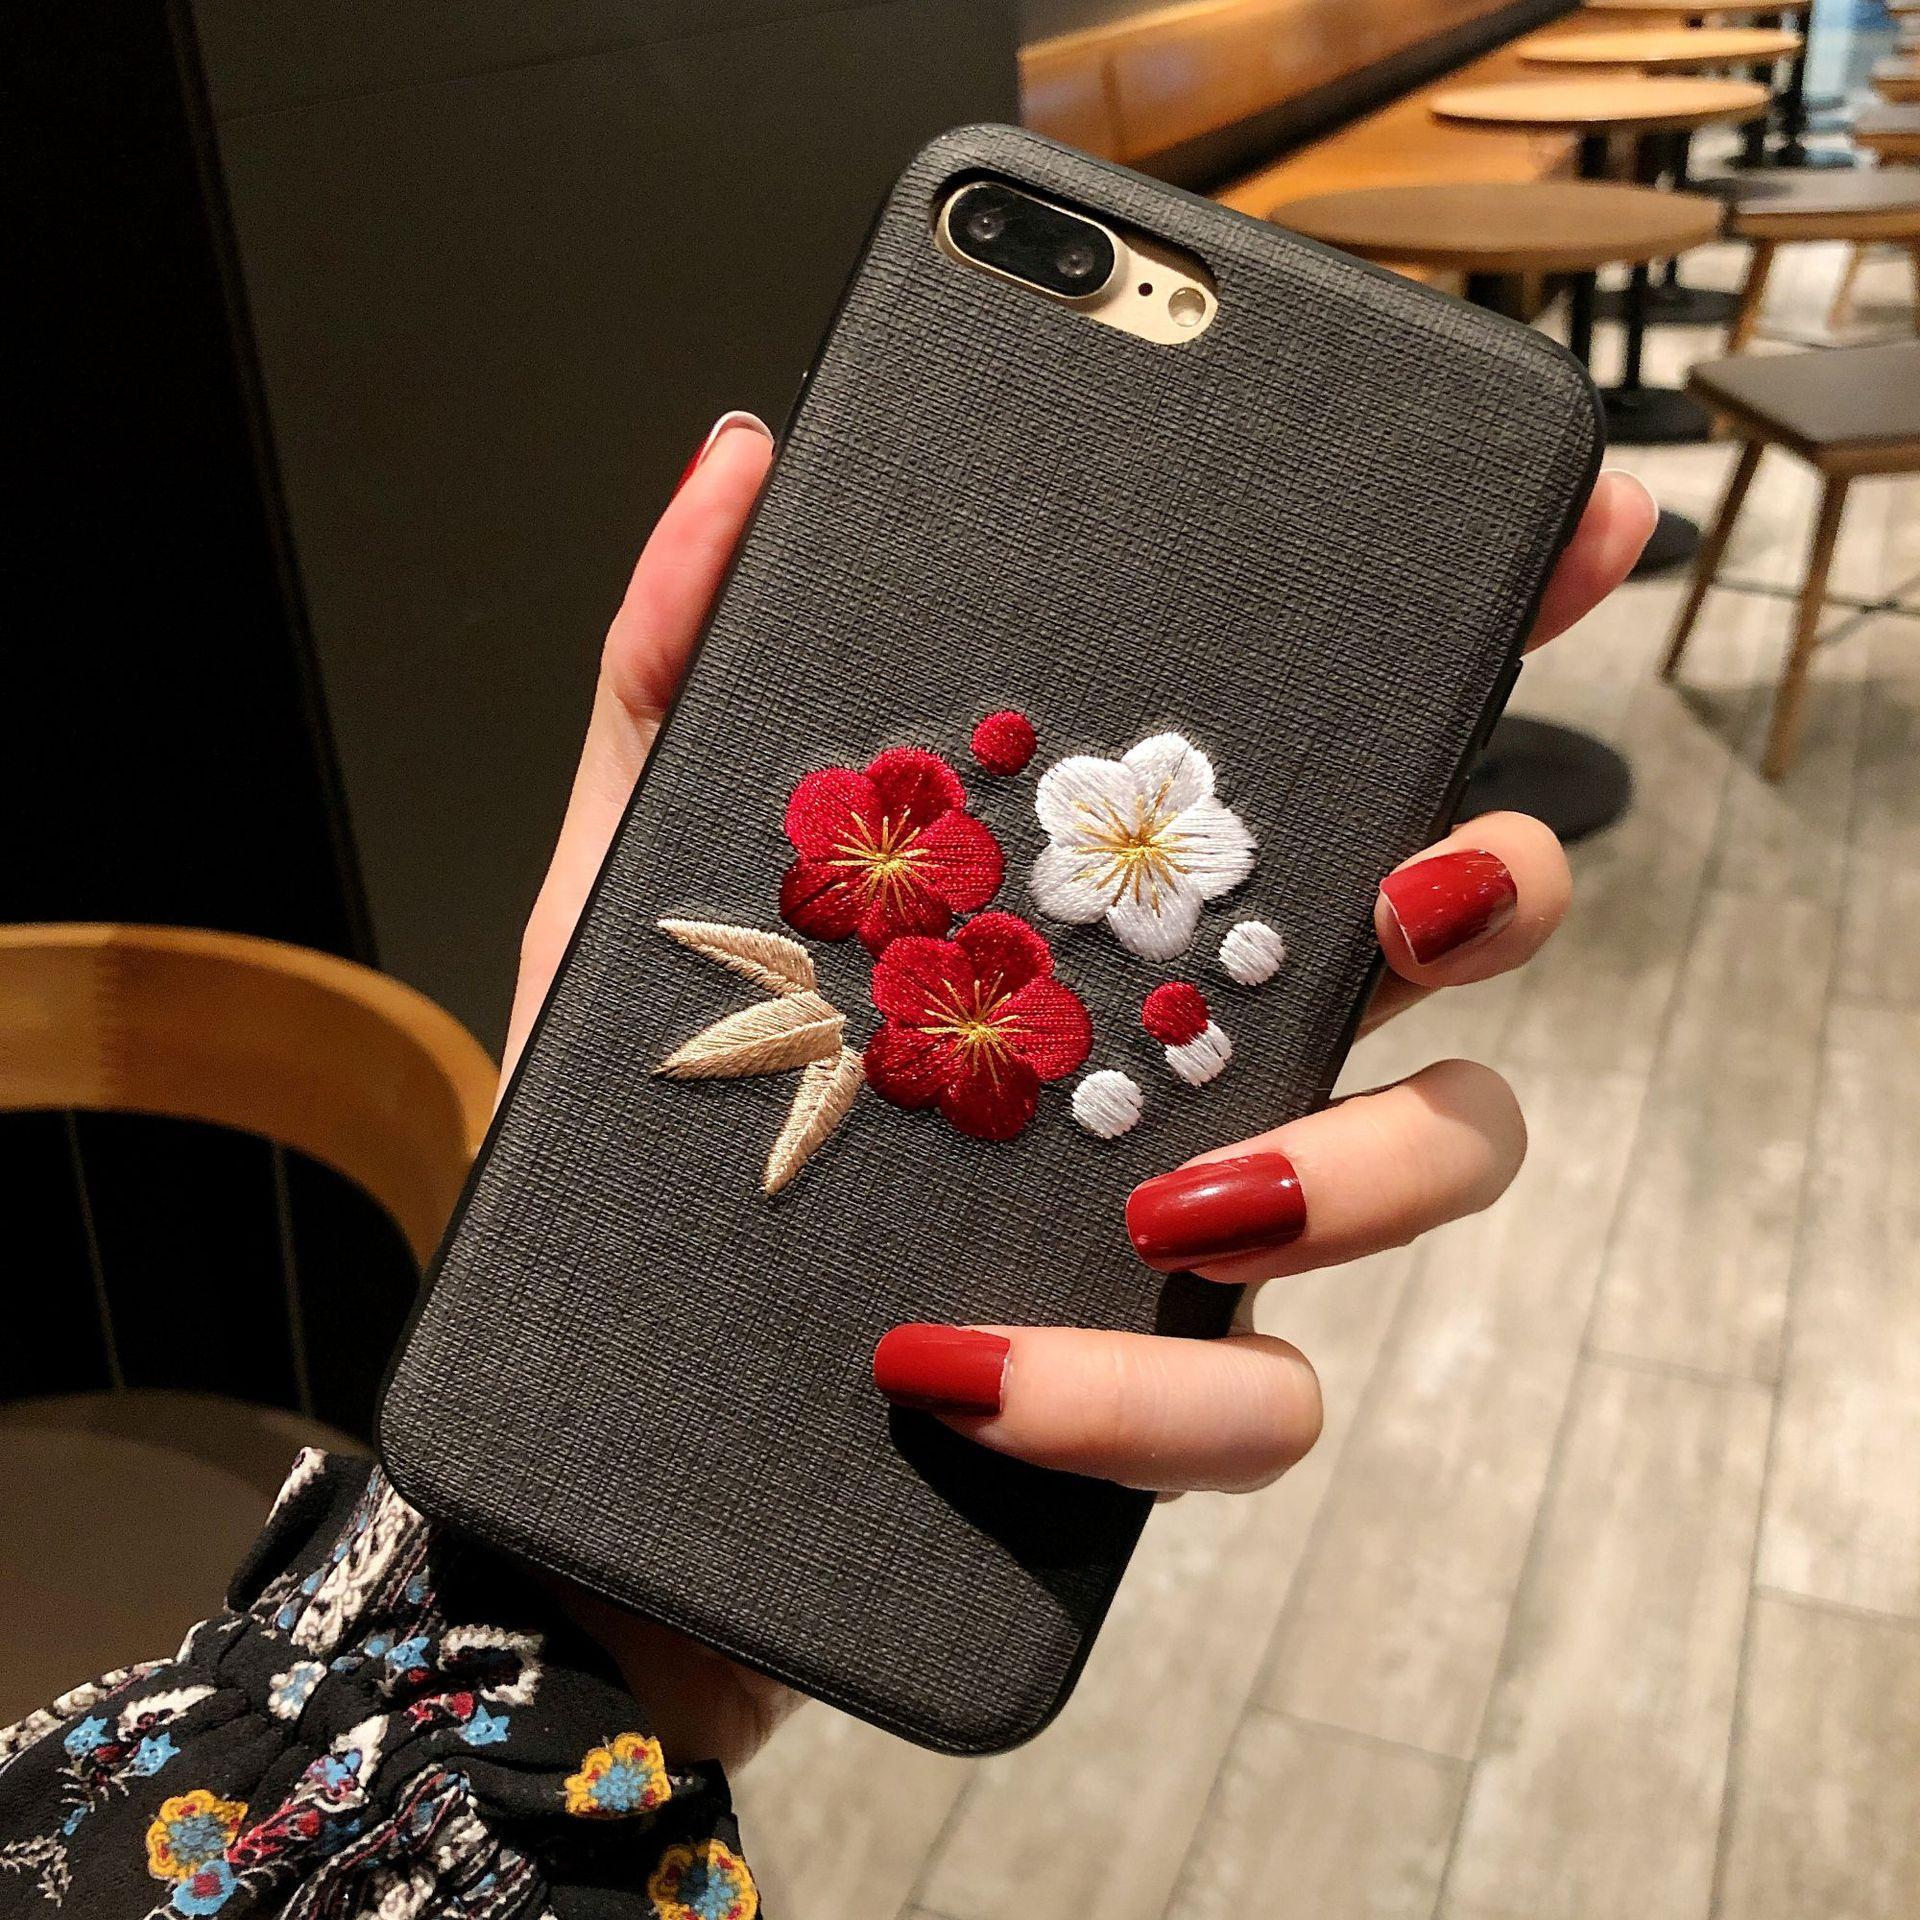 Трехмерная вышивка подходит для iphone7plus чехол для мобильного телефона Apple XSmax защитная крышка 8 цветок мягкая крышка анти-падение XR